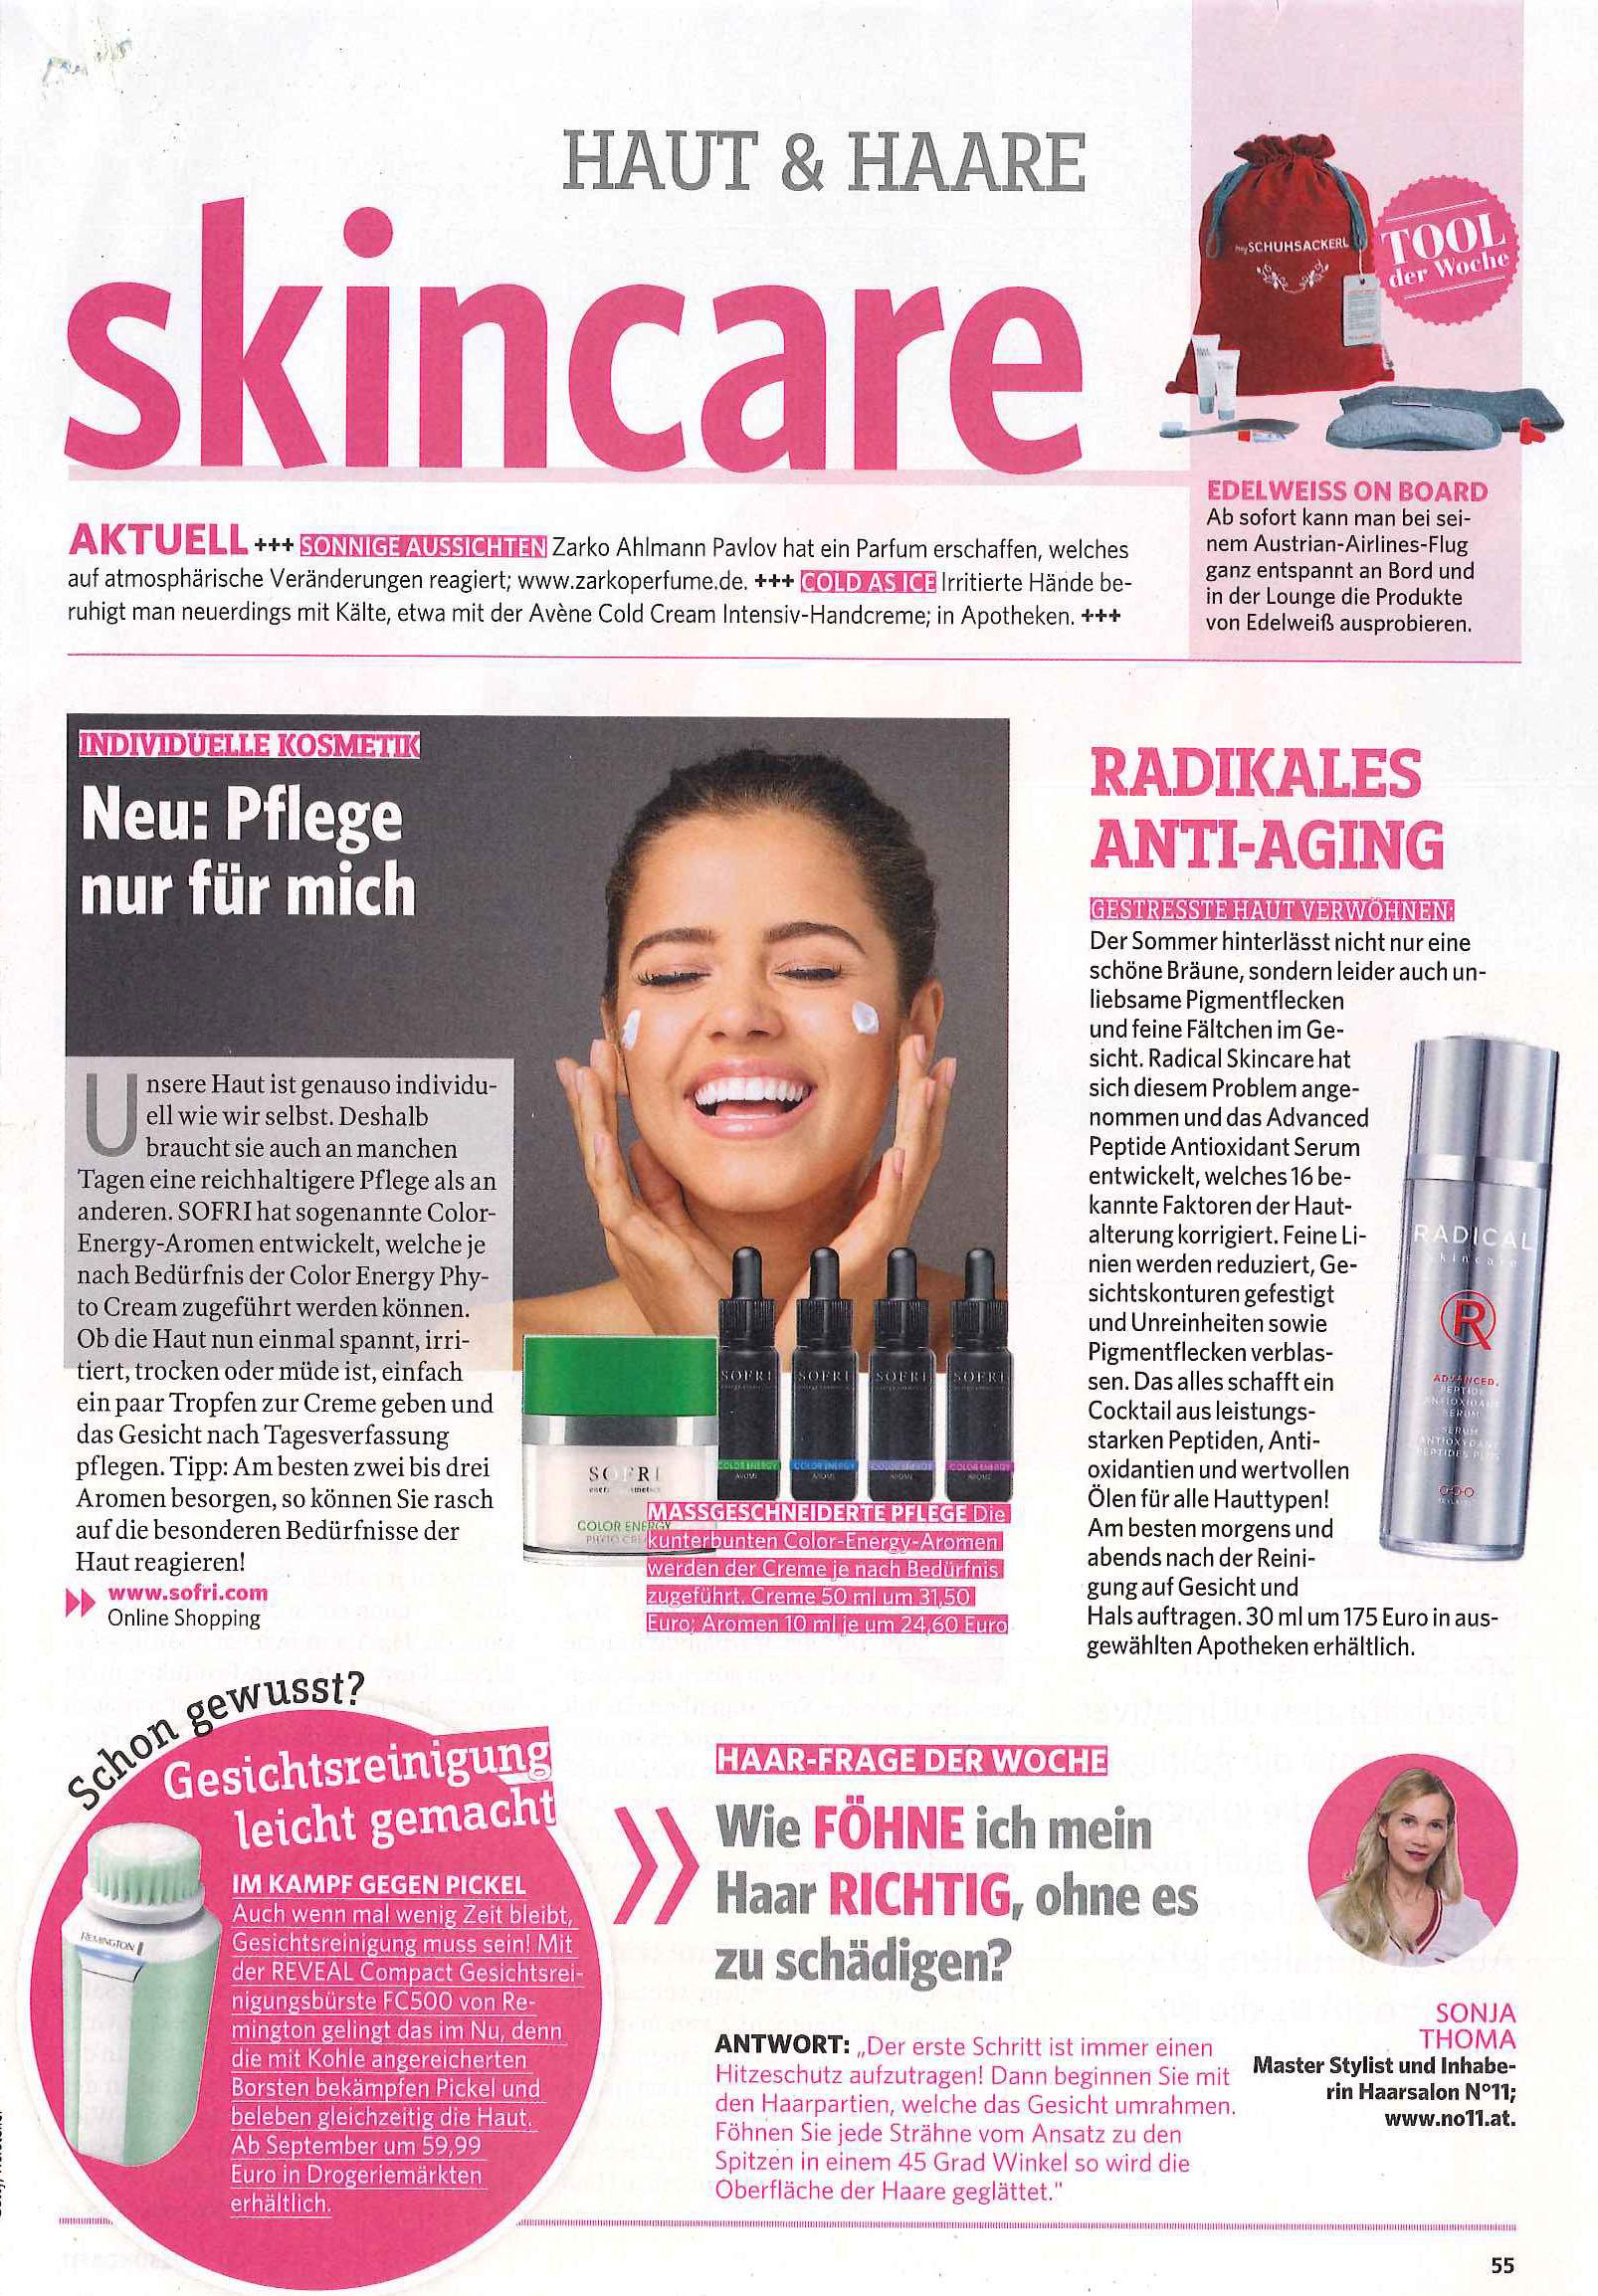 Individuelle Kosmetik von Sofri August 2017